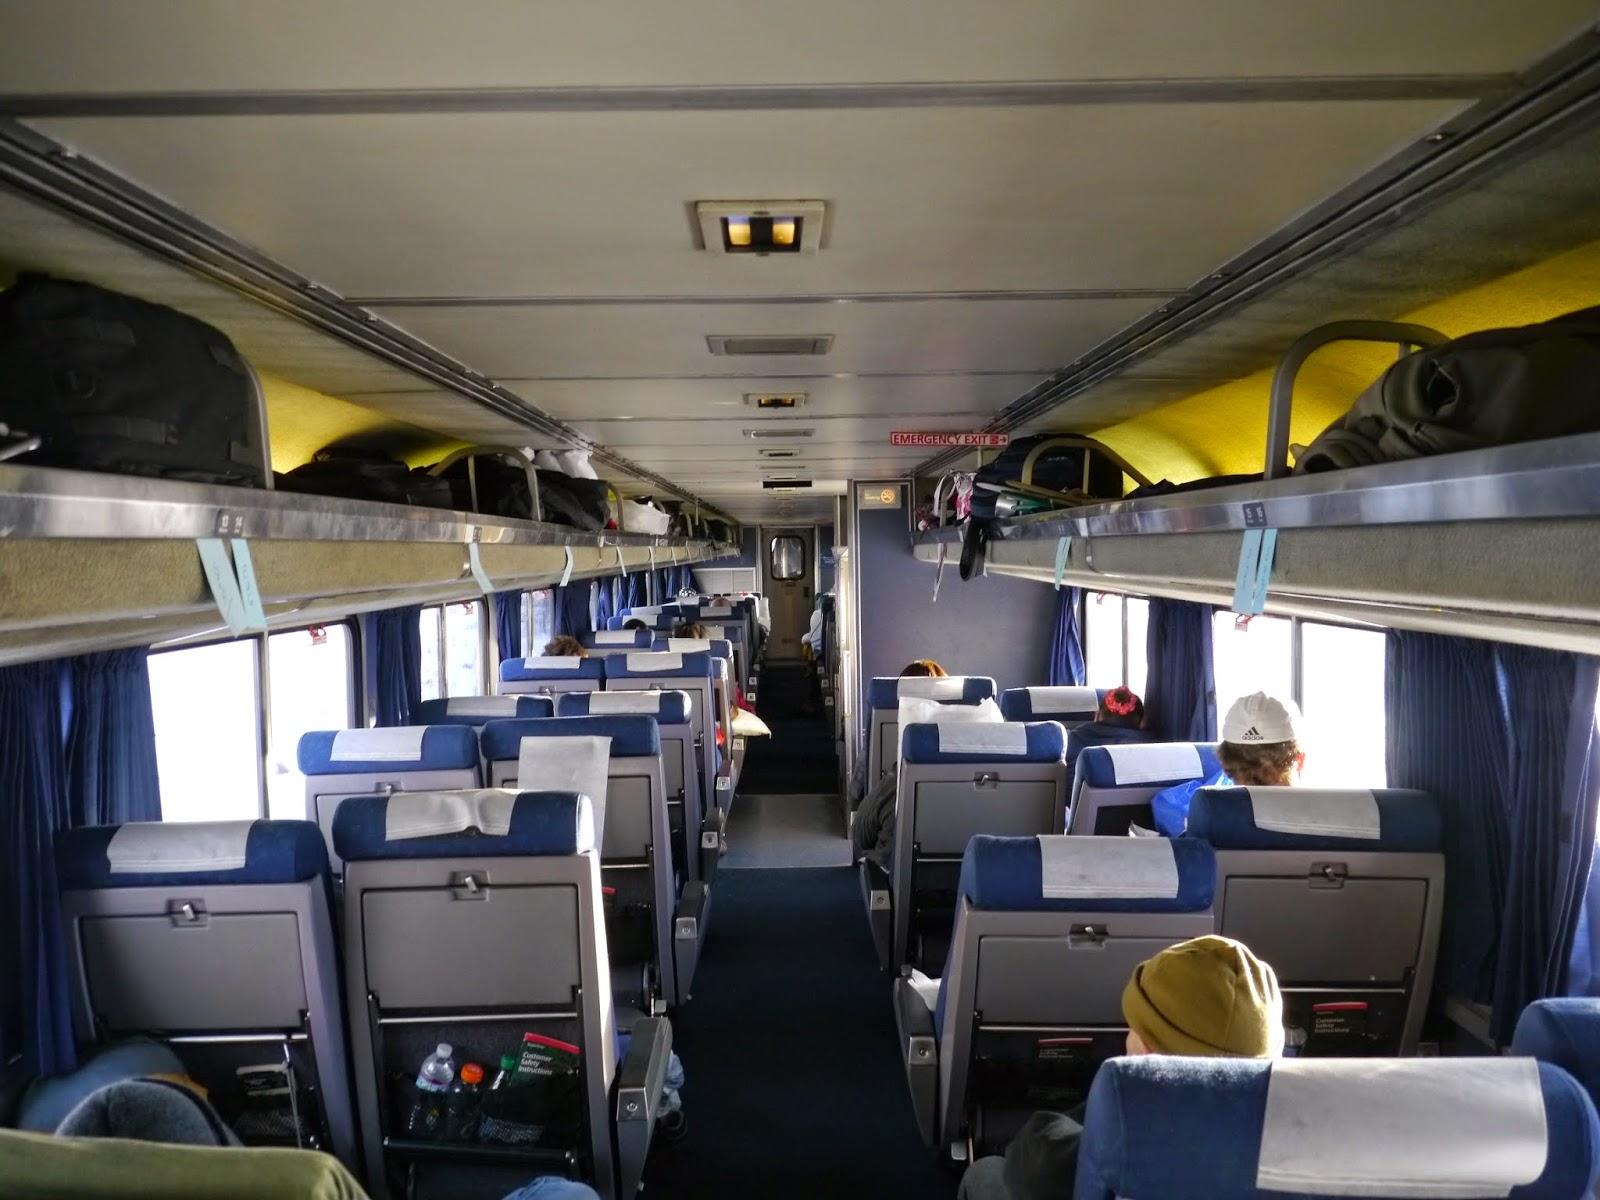 Aeroporto York : Passeio de trem entre nova york e boston ~ credouai